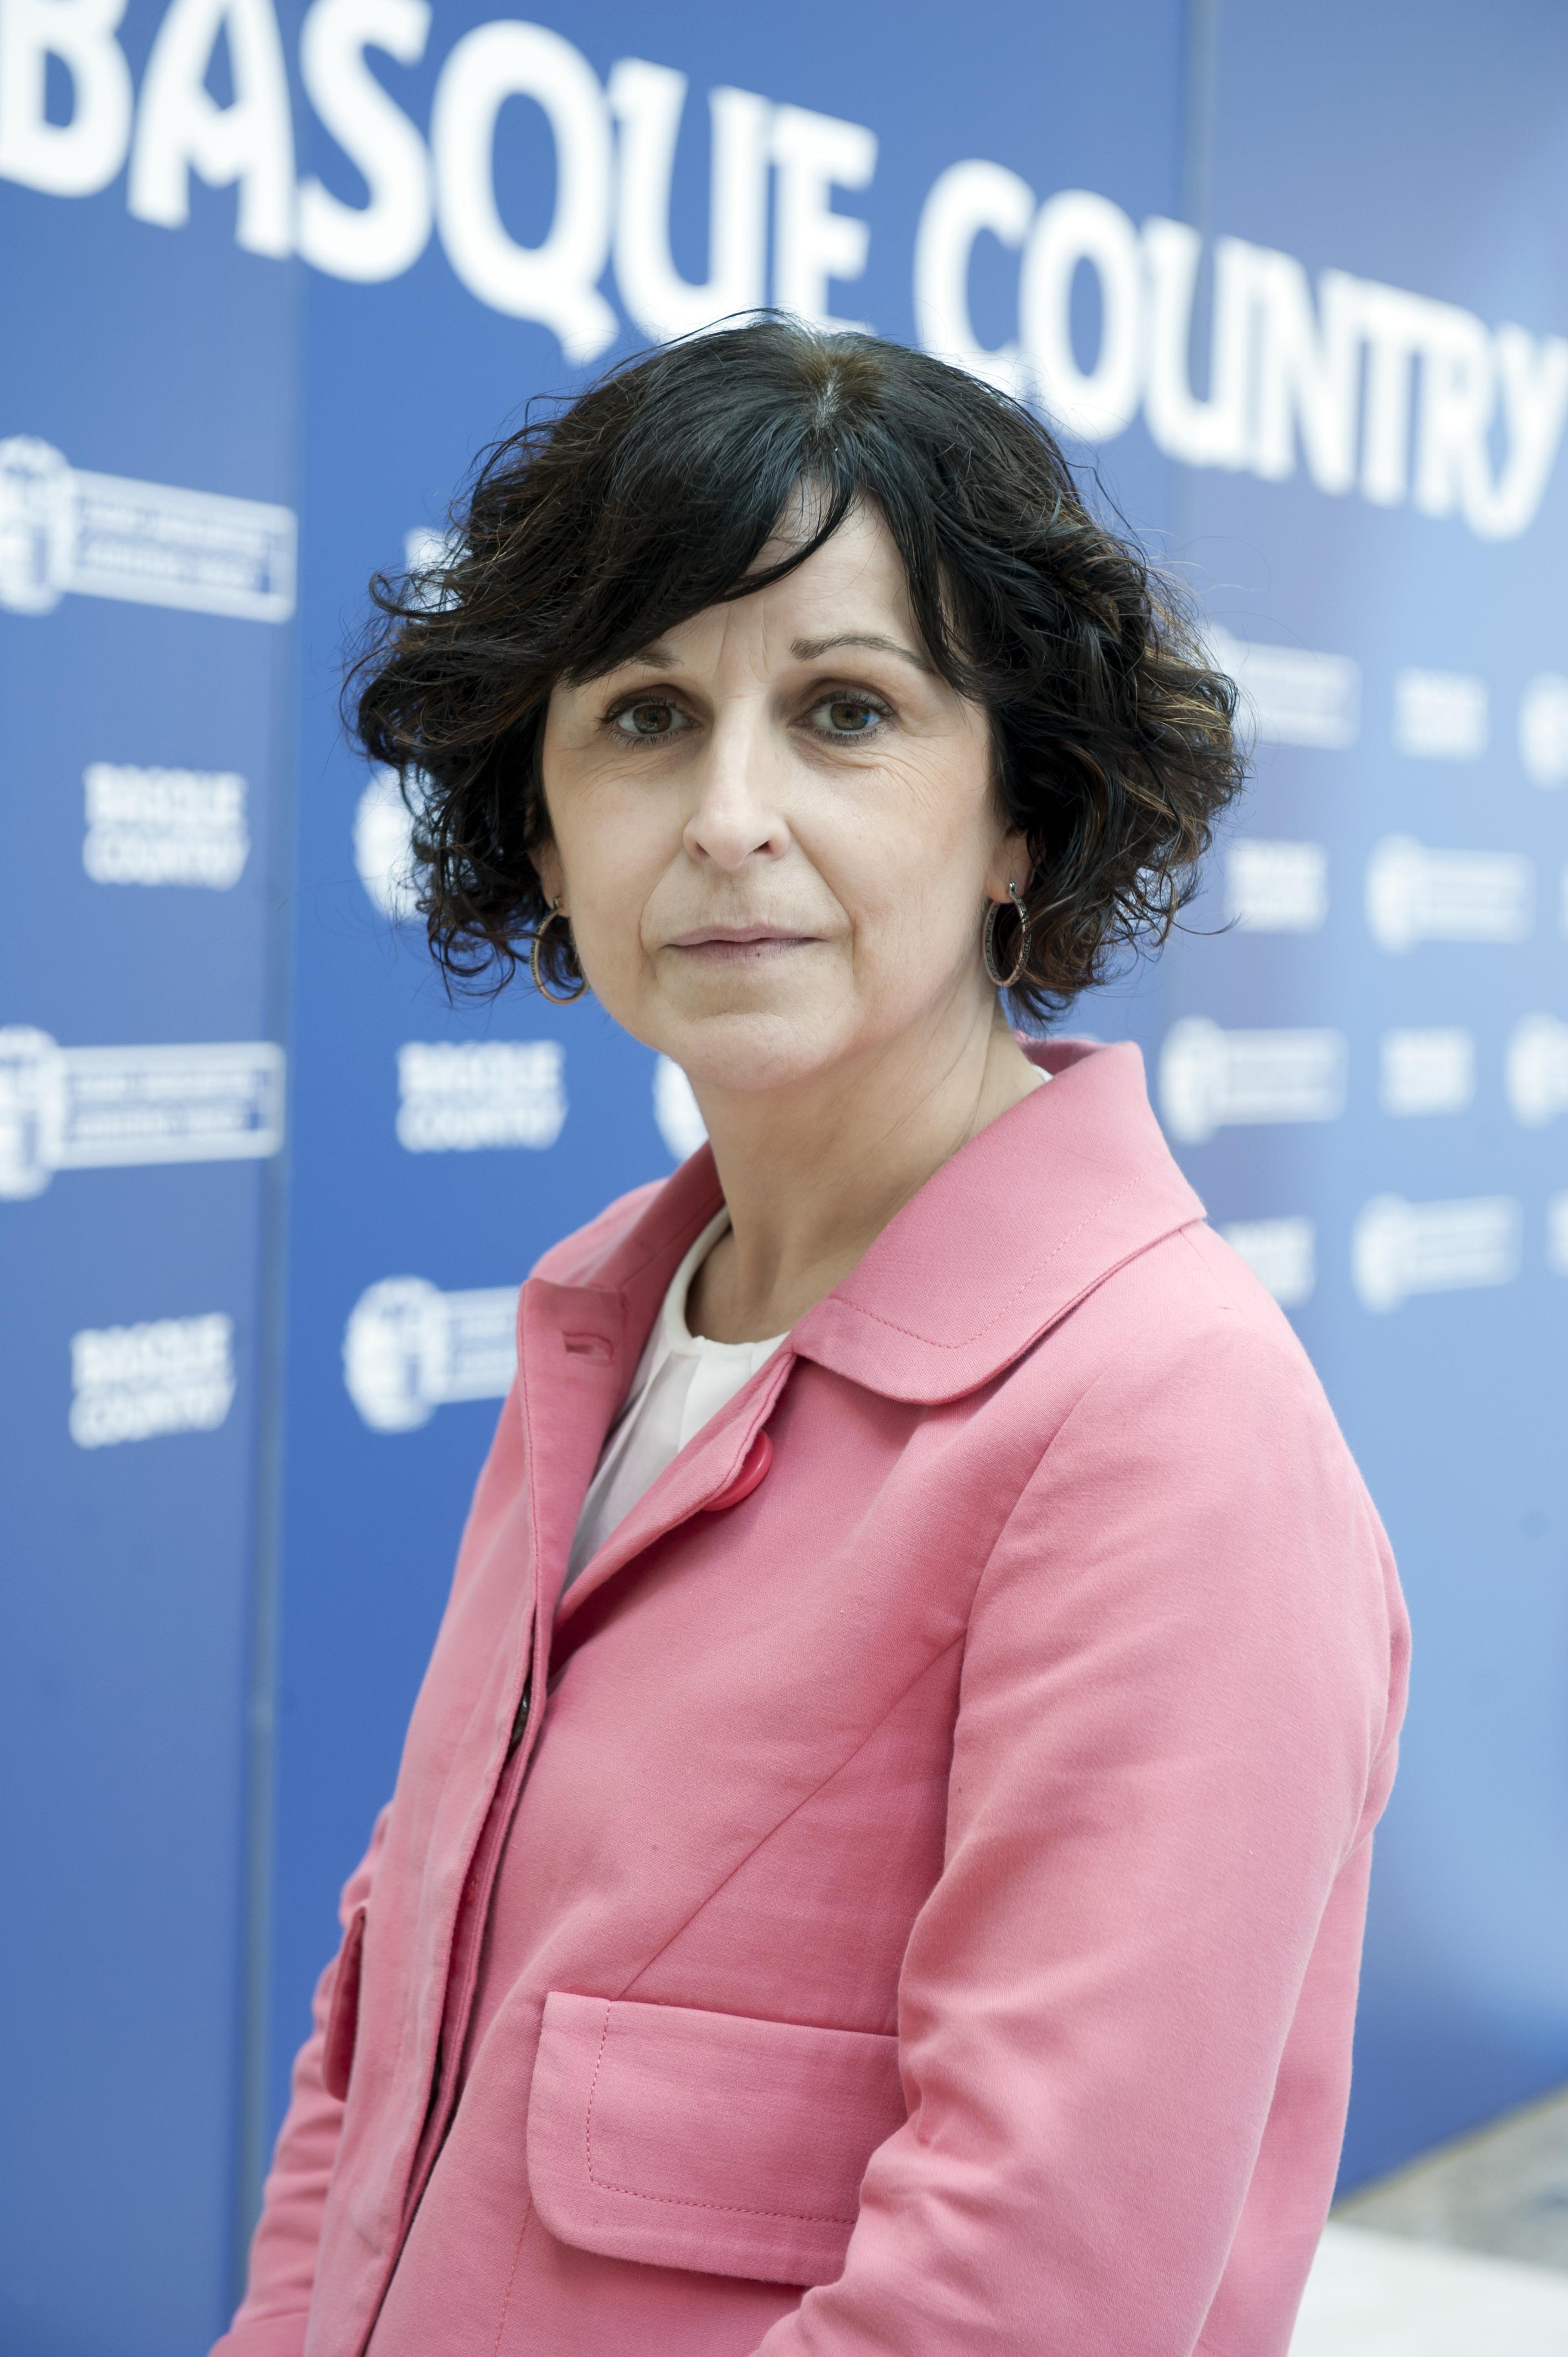 Irekia eusko jaurlaritza gobierno vasco el gobierno for Accion educativa espanola en el exterior